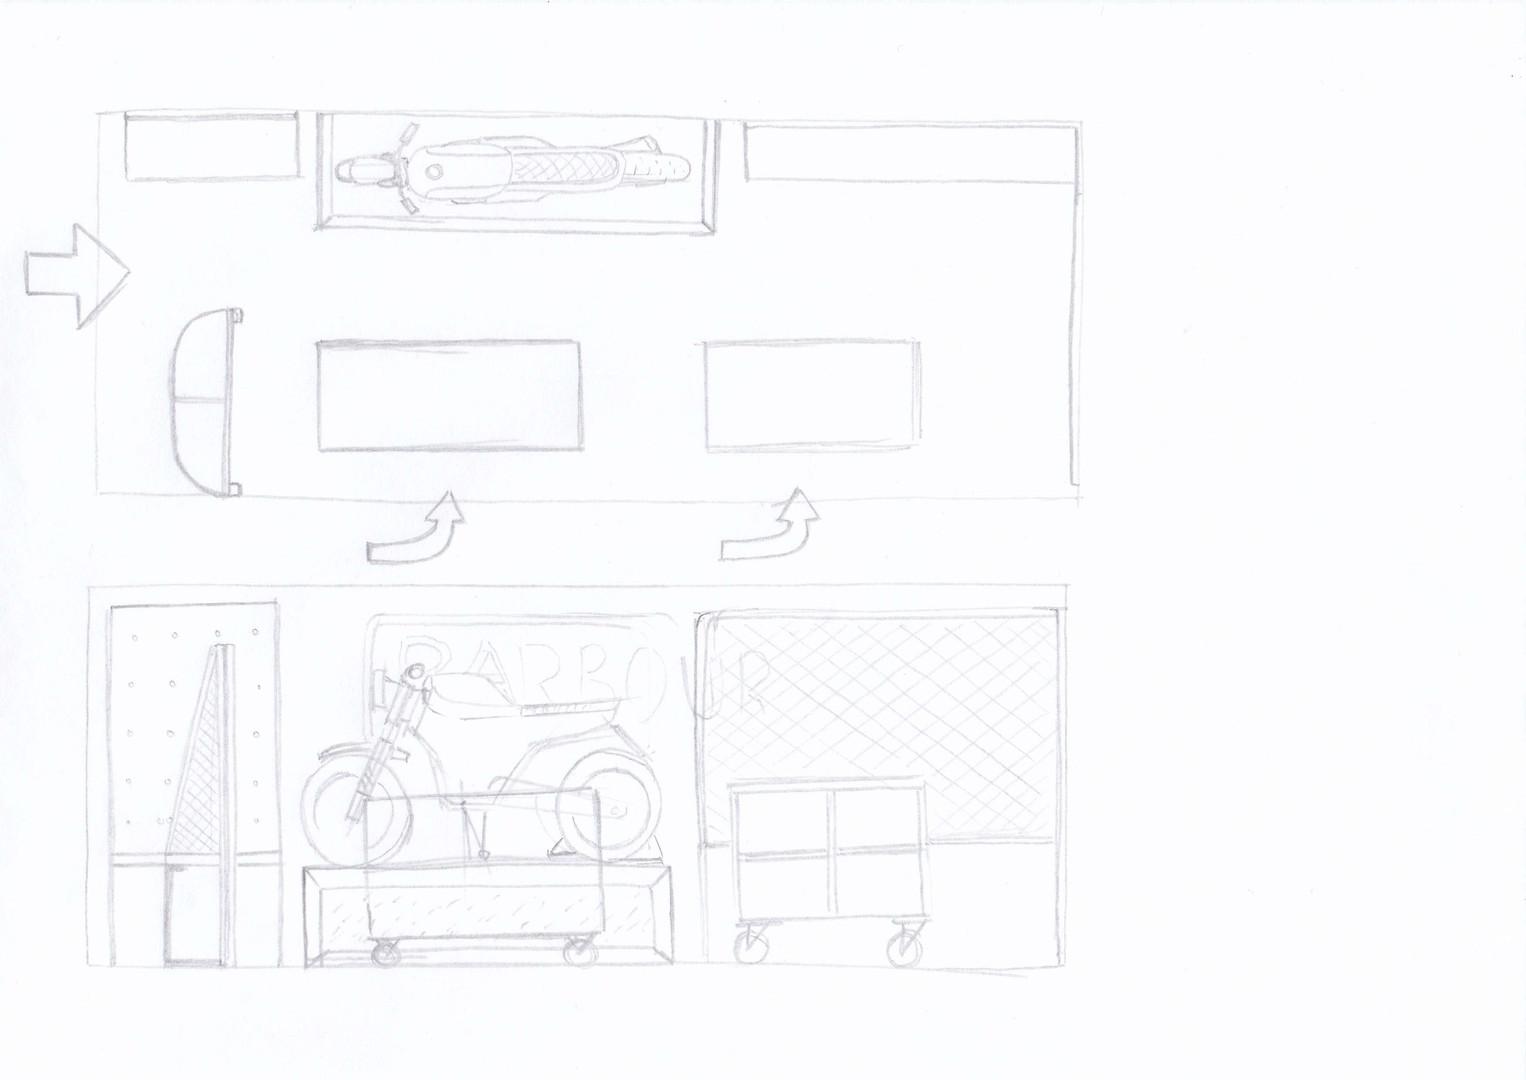 C2 Sketch.jpg